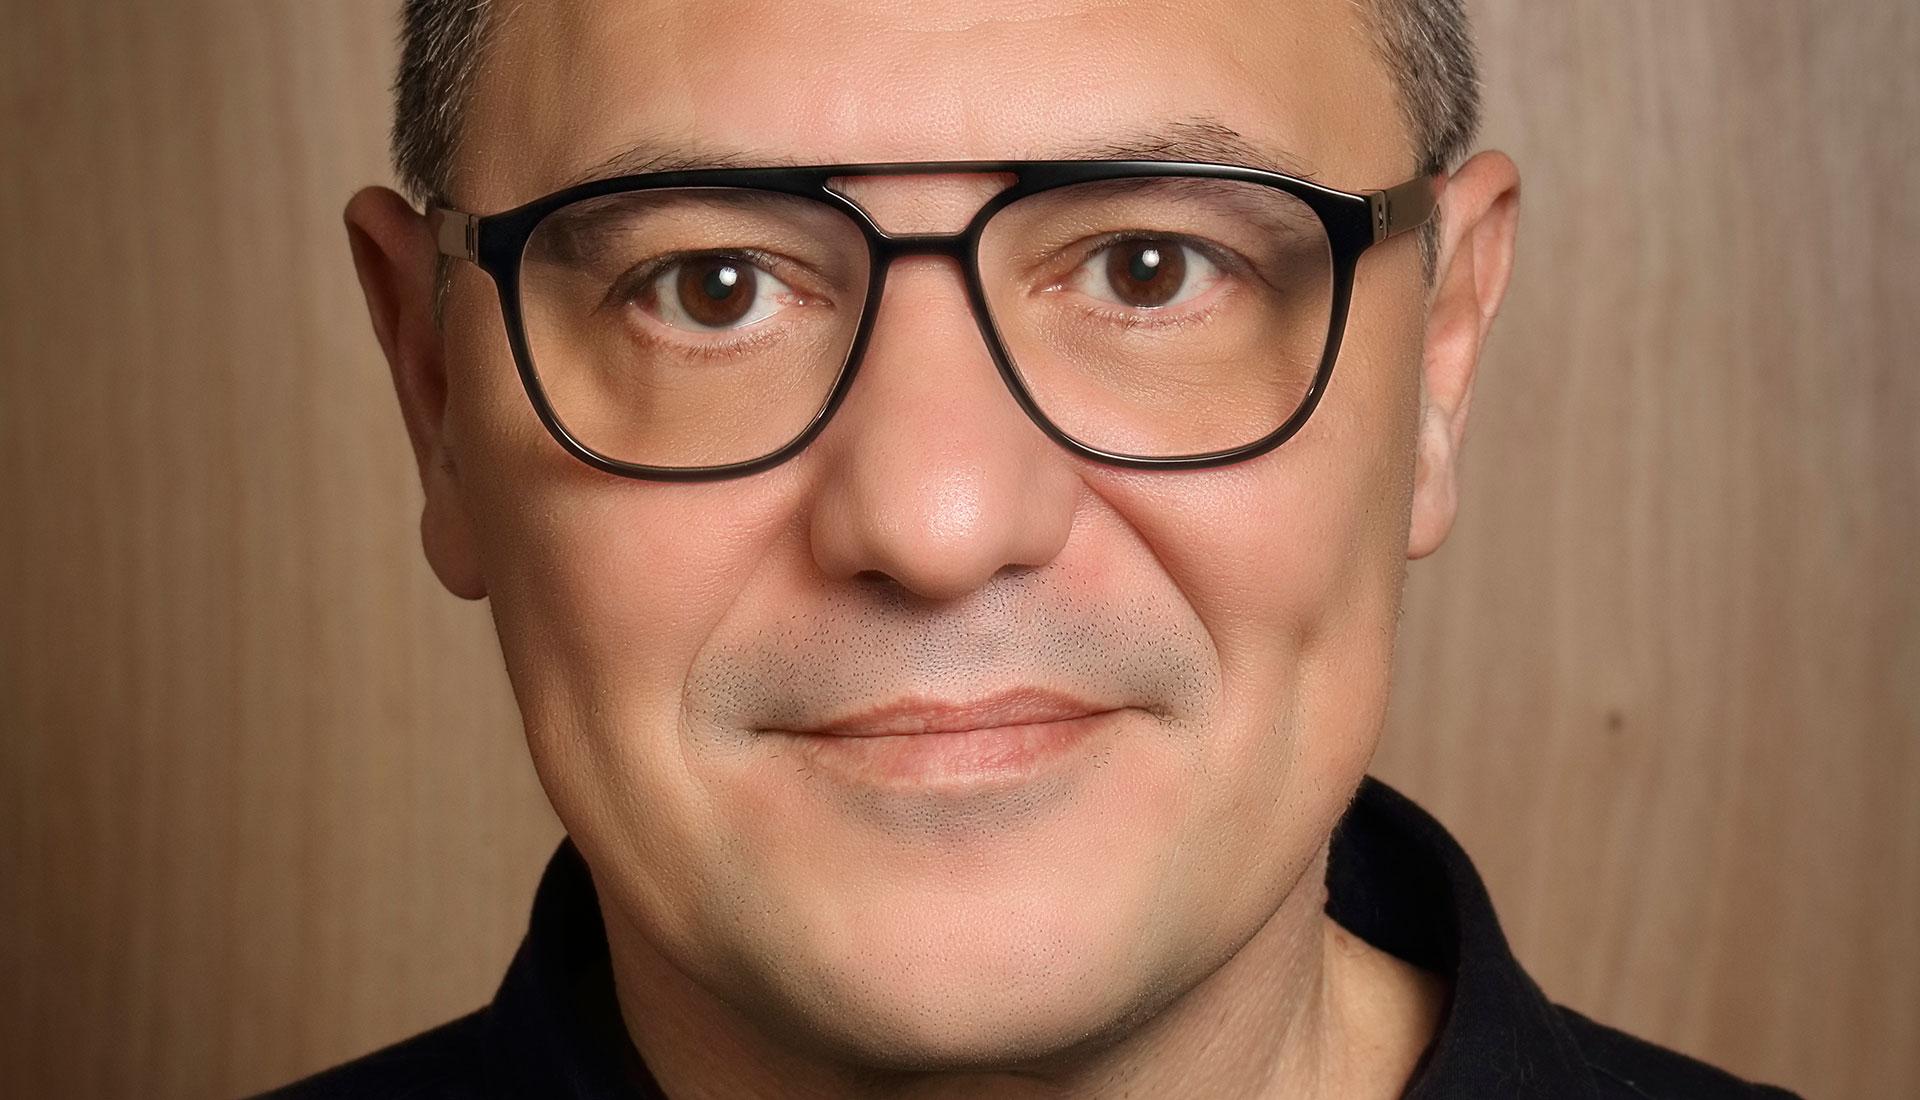 Дени Монтель портрет фото